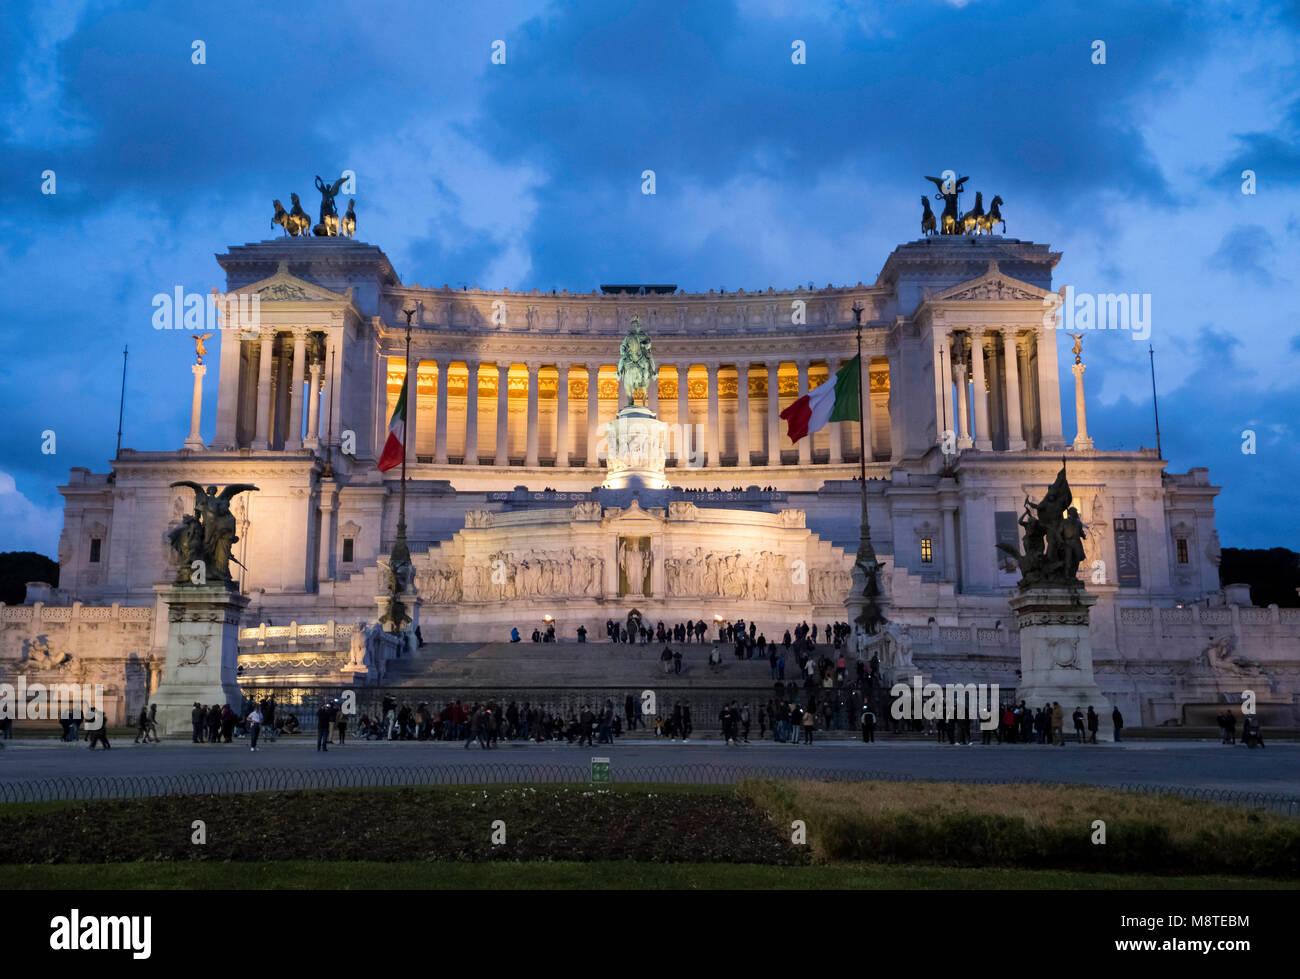 Altare della Patria or Monumento Nazionale a Vittorio Emanuele II 'National Monument to Victor Emmanuel II', - Stock Image